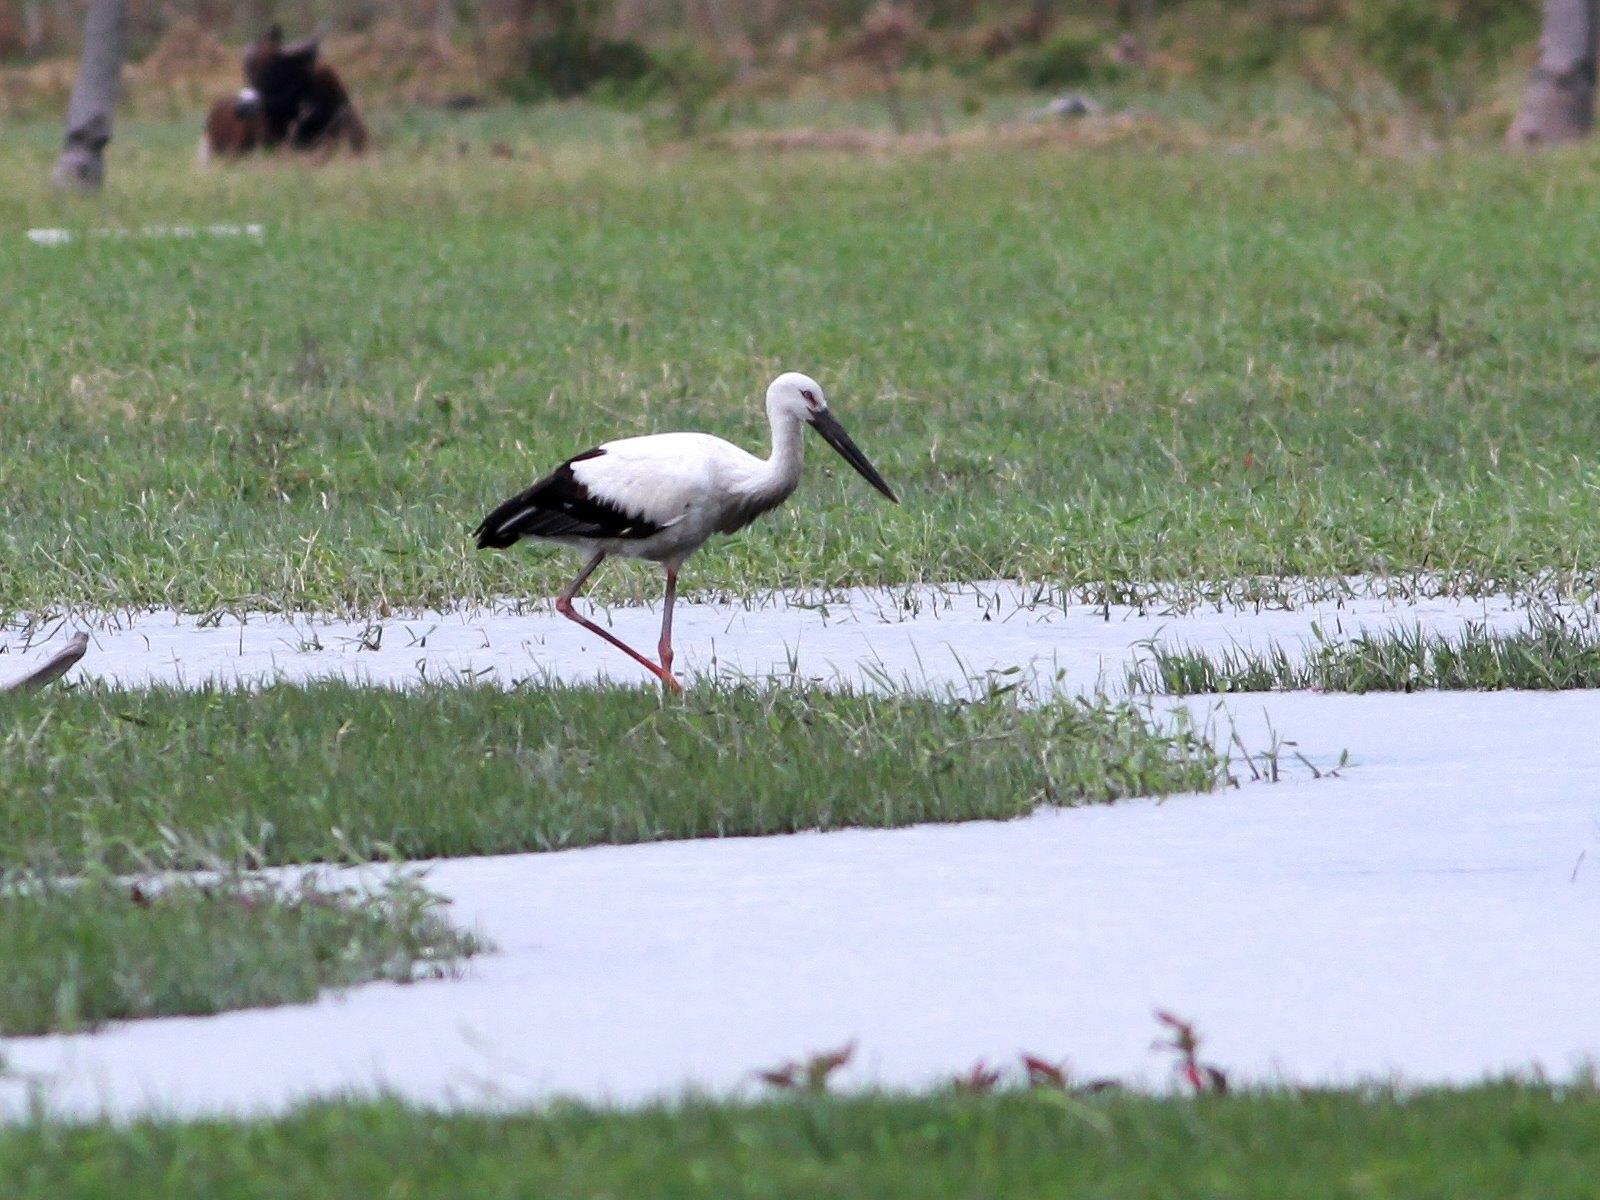 知本溼地占地有兩百多公頃,鳥類生態豐富,曾多次出現全球瀕危的東方白鸛。荒野保護協會提供